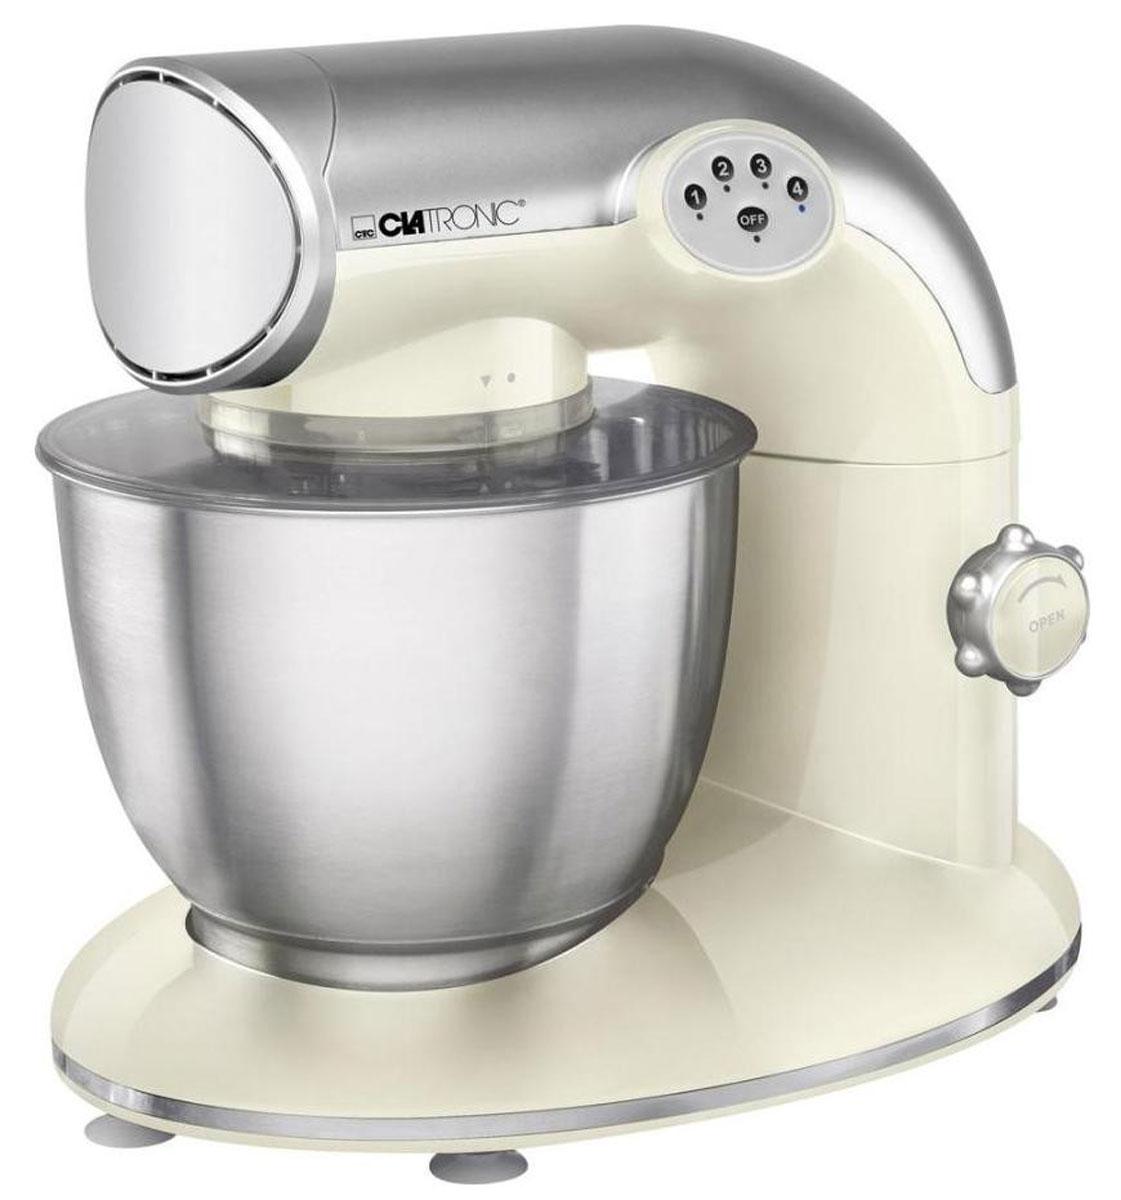 Clatronic KM 3632, Cream кухонный комбайнKM 3632 cremeКухонный комбайн Clatronic KM 3632 станет прекрасным помощником для любой хозяйки. С ним вы сможете готовить невероятно вкусные и аппетитные блюда, при этом сократив время их приготовление. Основным назначением прибора является изготовление различных видов теста и кремов. Комбайн качественно и быстро перемешивает различные ингредиенты, что дает возможность избежать комочков. Clatronic KM 3632 снабжен чашей из нержавеющей стали и механической системой управления. 4 скорости замешивания обеспечат наилучший результат.